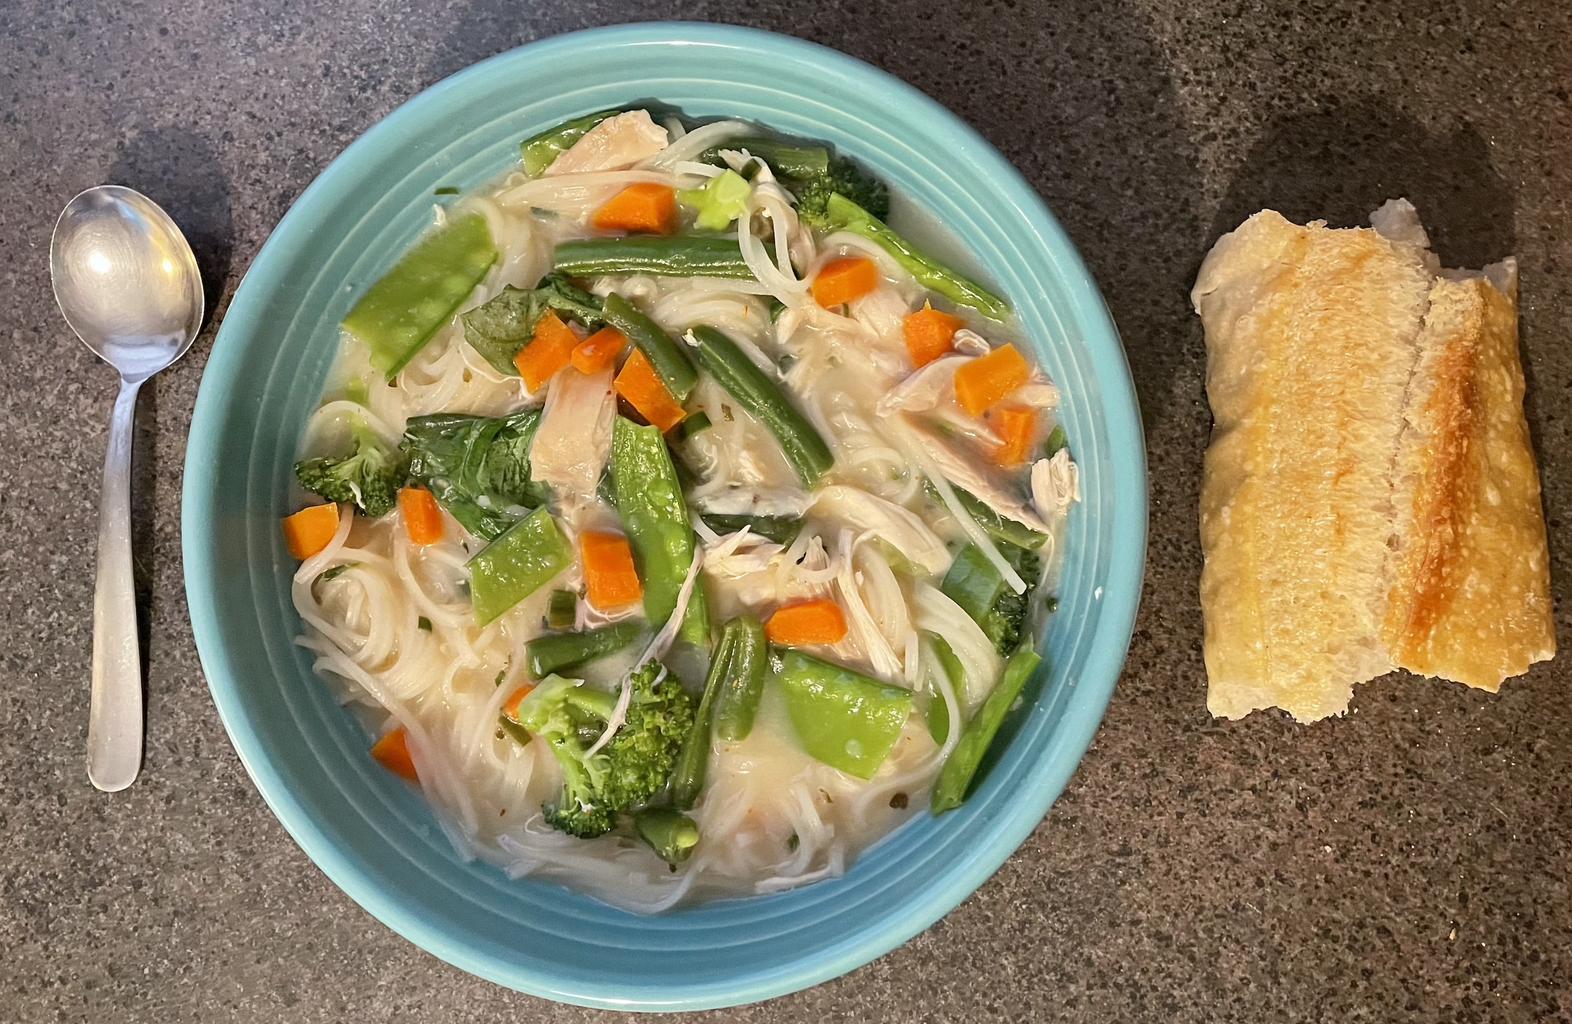 Enjoy Your Soup!